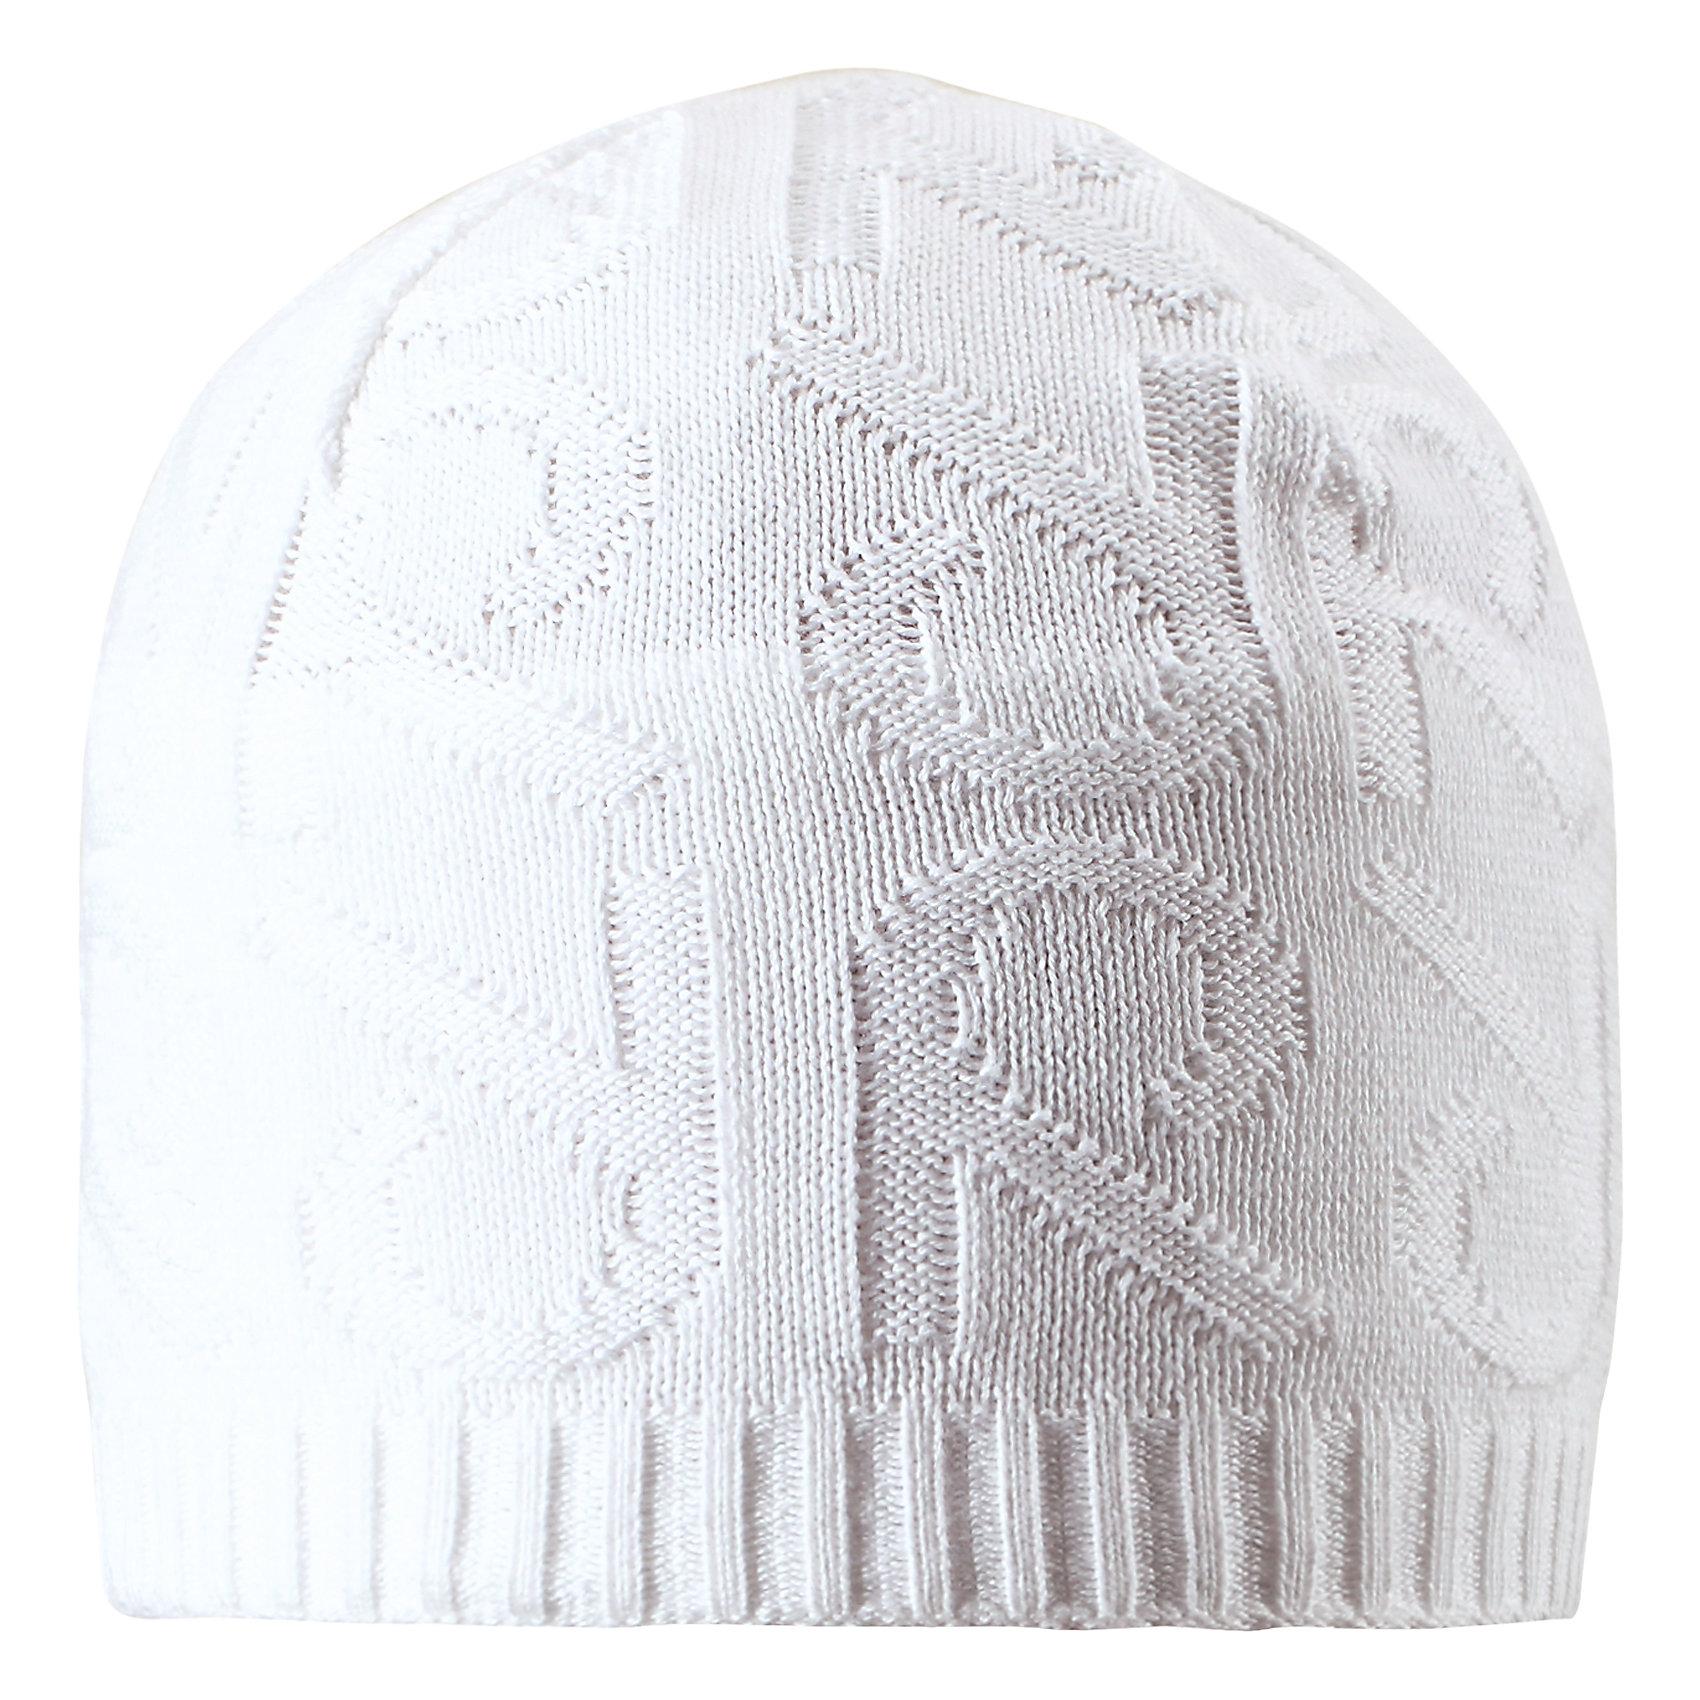 Шапка Ankkuri ReimaШапки и шарфы<br>Характеристики товара:<br><br>• цвет: белый<br>• состав: 100% хлопок<br>• температурный режим: от +7С<br>• эластичный хлопковый трикотаж<br>• изделие сертифицированно по стандарту Oeko-Tex на продукцию класса 2 - одежда, контактирующая с кожей<br>• ветронепроницаемые вставки в области ушей<br>• полуподкладка: хлопковый трикотаж<br>• эмблема Reima сзади<br>• декортивная структурная вязка<br>• светоотражающая эмблема сзади<br>• страна бренда: Финляндия<br>• страна производства: Китай<br><br>Детский головной убор может быть модным и удобным одновременно! Стильная шапка поможет обеспечить ребенку комфорт и дополнить наряд.Шапка удобно сидит и аккуратно выглядит. Проста в уходе, долго служит. Стильный дизайн разрабатывался специально для детей. Отличная защита от дождя и ветра!<br><br>Уход:<br><br>• стирать по отдельности, вывернув наизнанку<br>• придать первоначальную форму вo влажном виде<br>• возможна усадка 5 %.<br><br>Шапку от финского бренда Reima (Рейма) можно купить в нашем интернет-магазине.<br><br>Ширина мм: 89<br>Глубина мм: 117<br>Высота мм: 44<br>Вес г: 155<br>Цвет: белый<br>Возраст от месяцев: 24<br>Возраст до месяцев: 60<br>Пол: Унисекс<br>Возраст: Детский<br>Размер: 52,56,54,50<br>SKU: 5267950